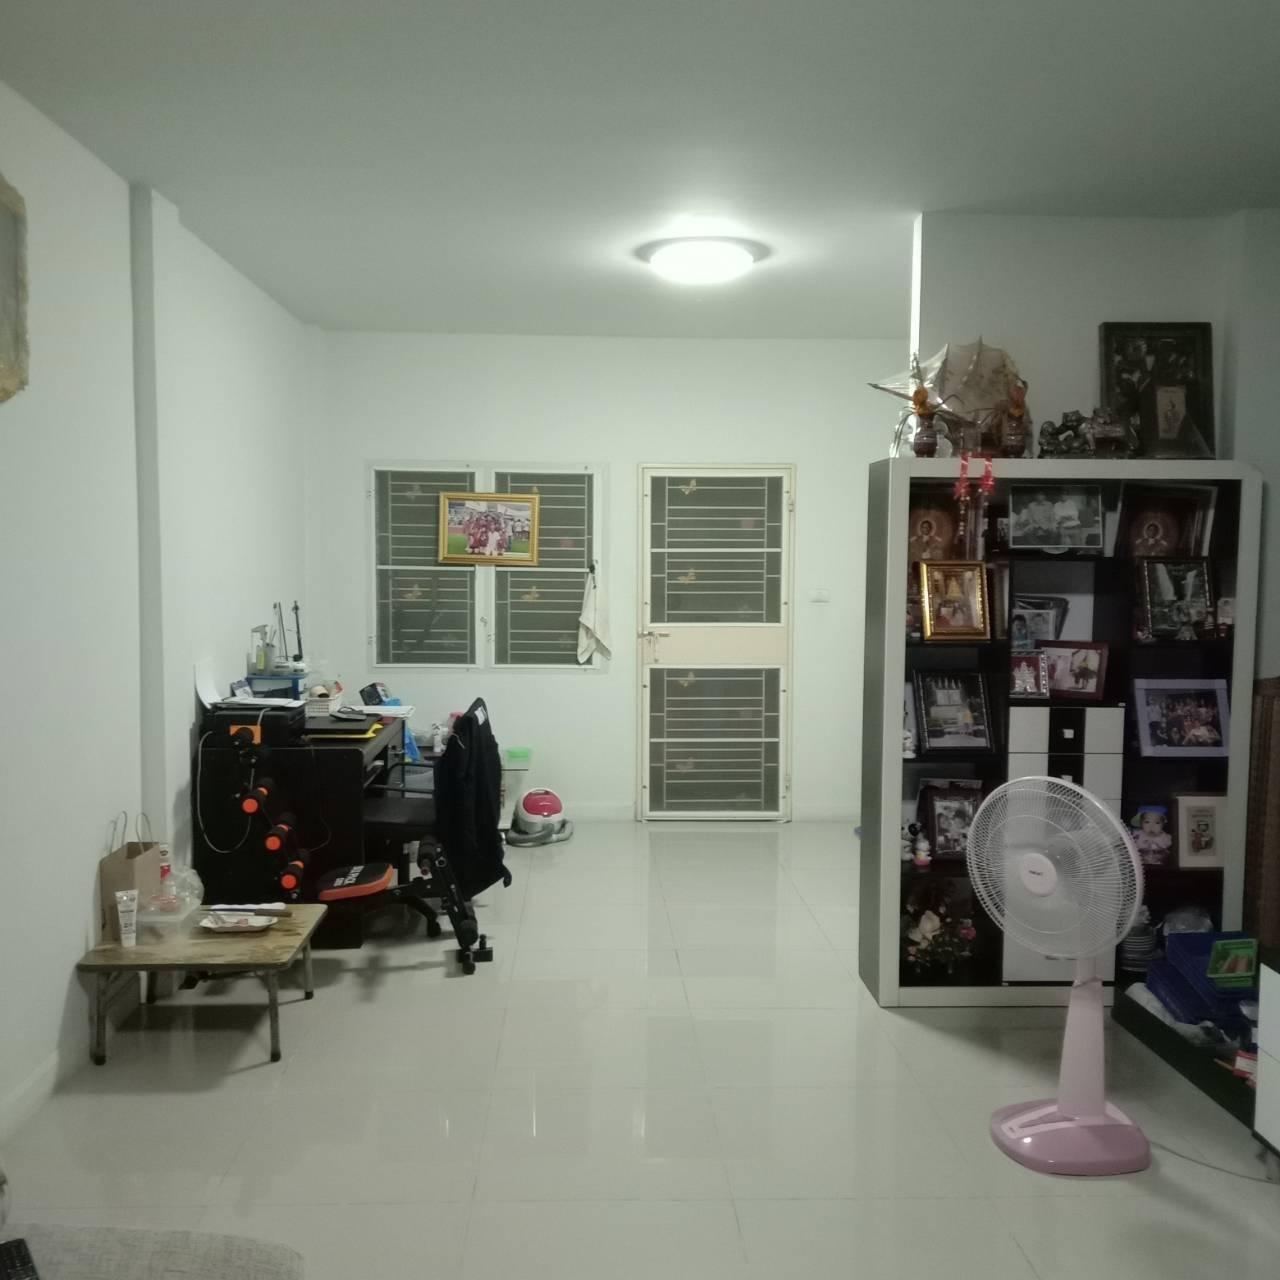 ภาพขายบ้านทาวน์เฮ้าส์ 2 ชั้น 20 ตร.ว หมู่บ้านประภัสสร 6  หนองกะขะ